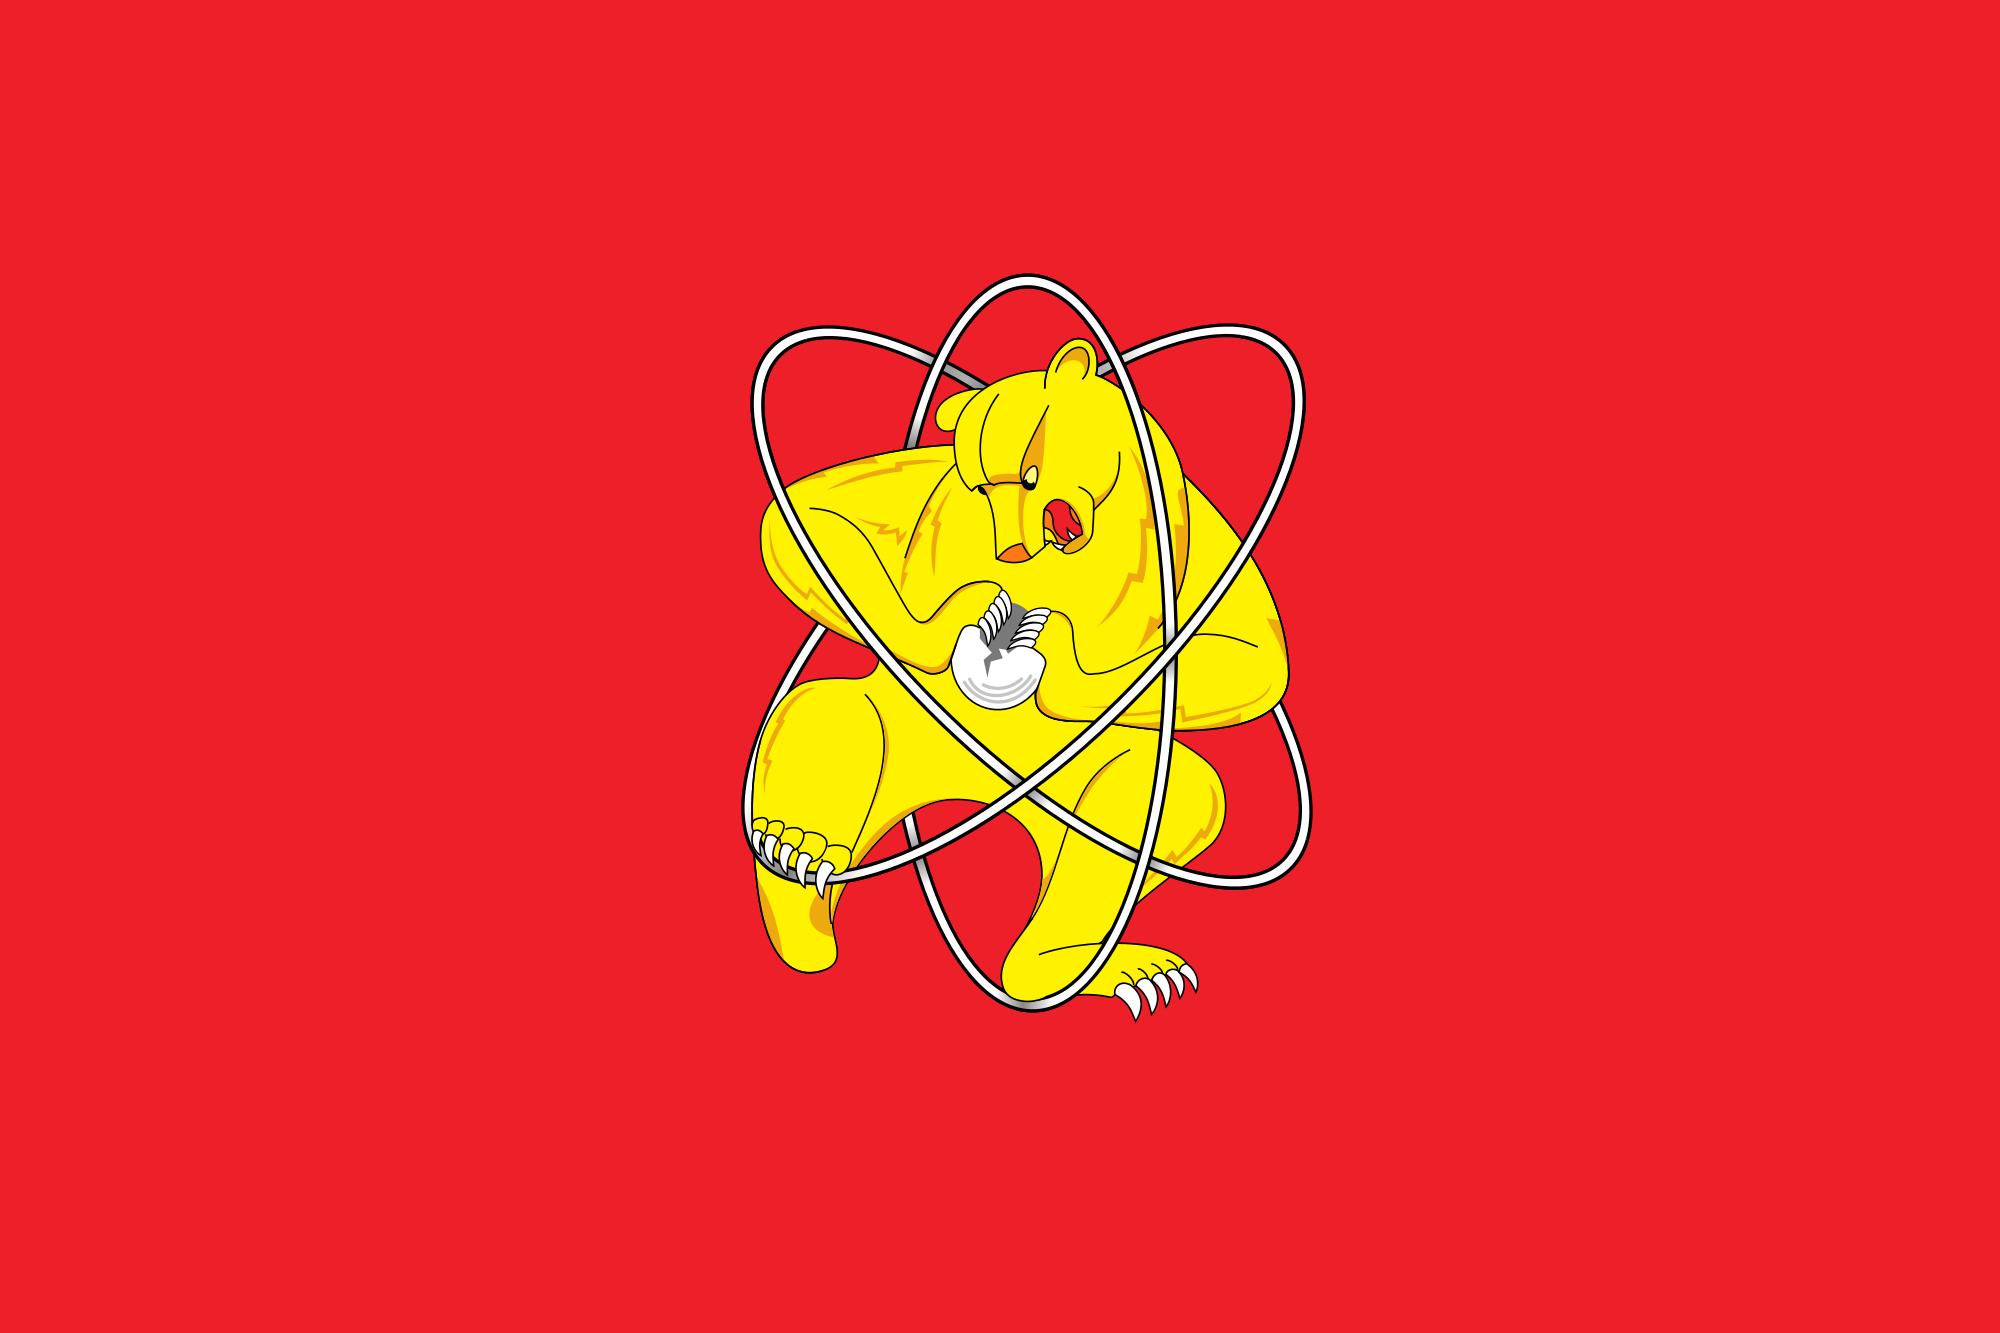 Zheleznogorsk Flag - Bear Wrestling Atom